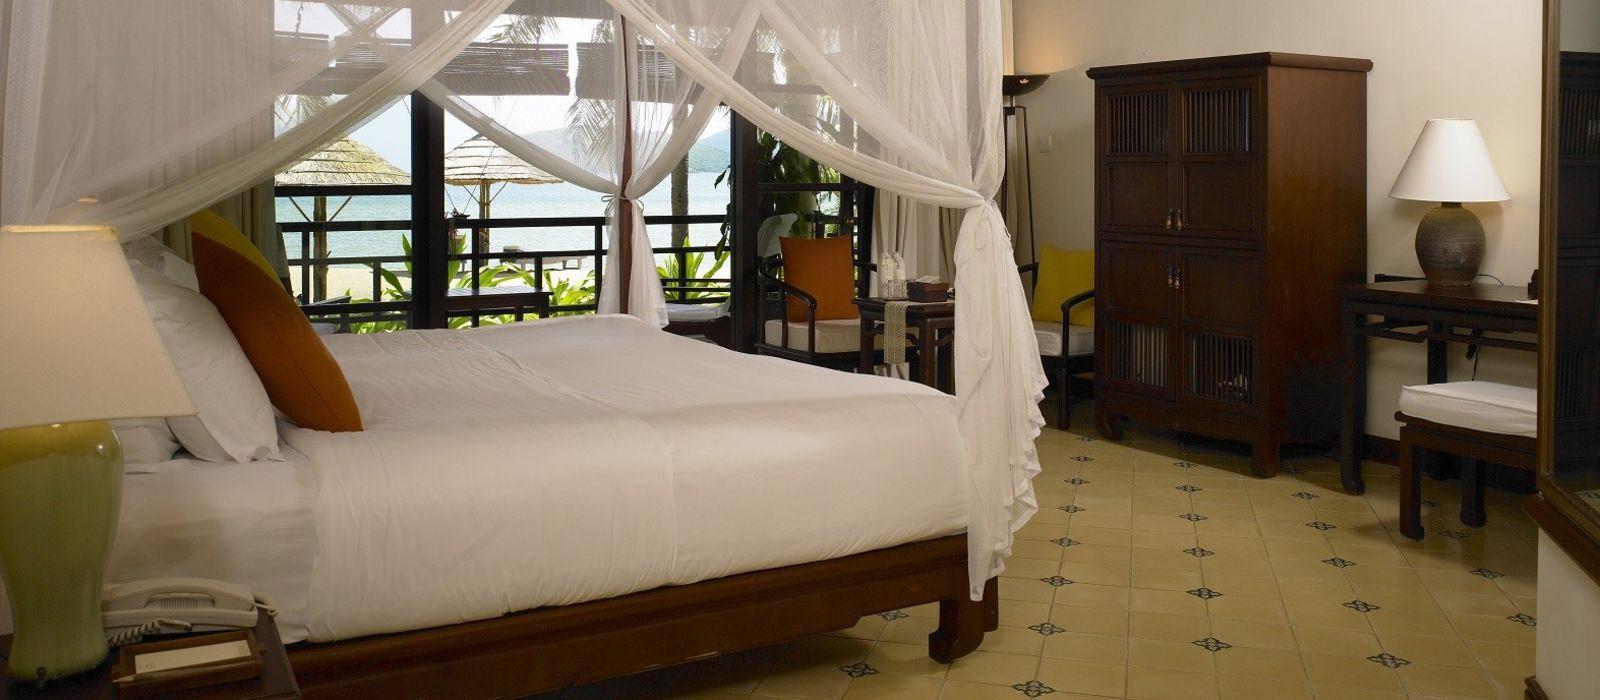 Hotel Evason Ana Mandara (Nha Trang) Vietnam